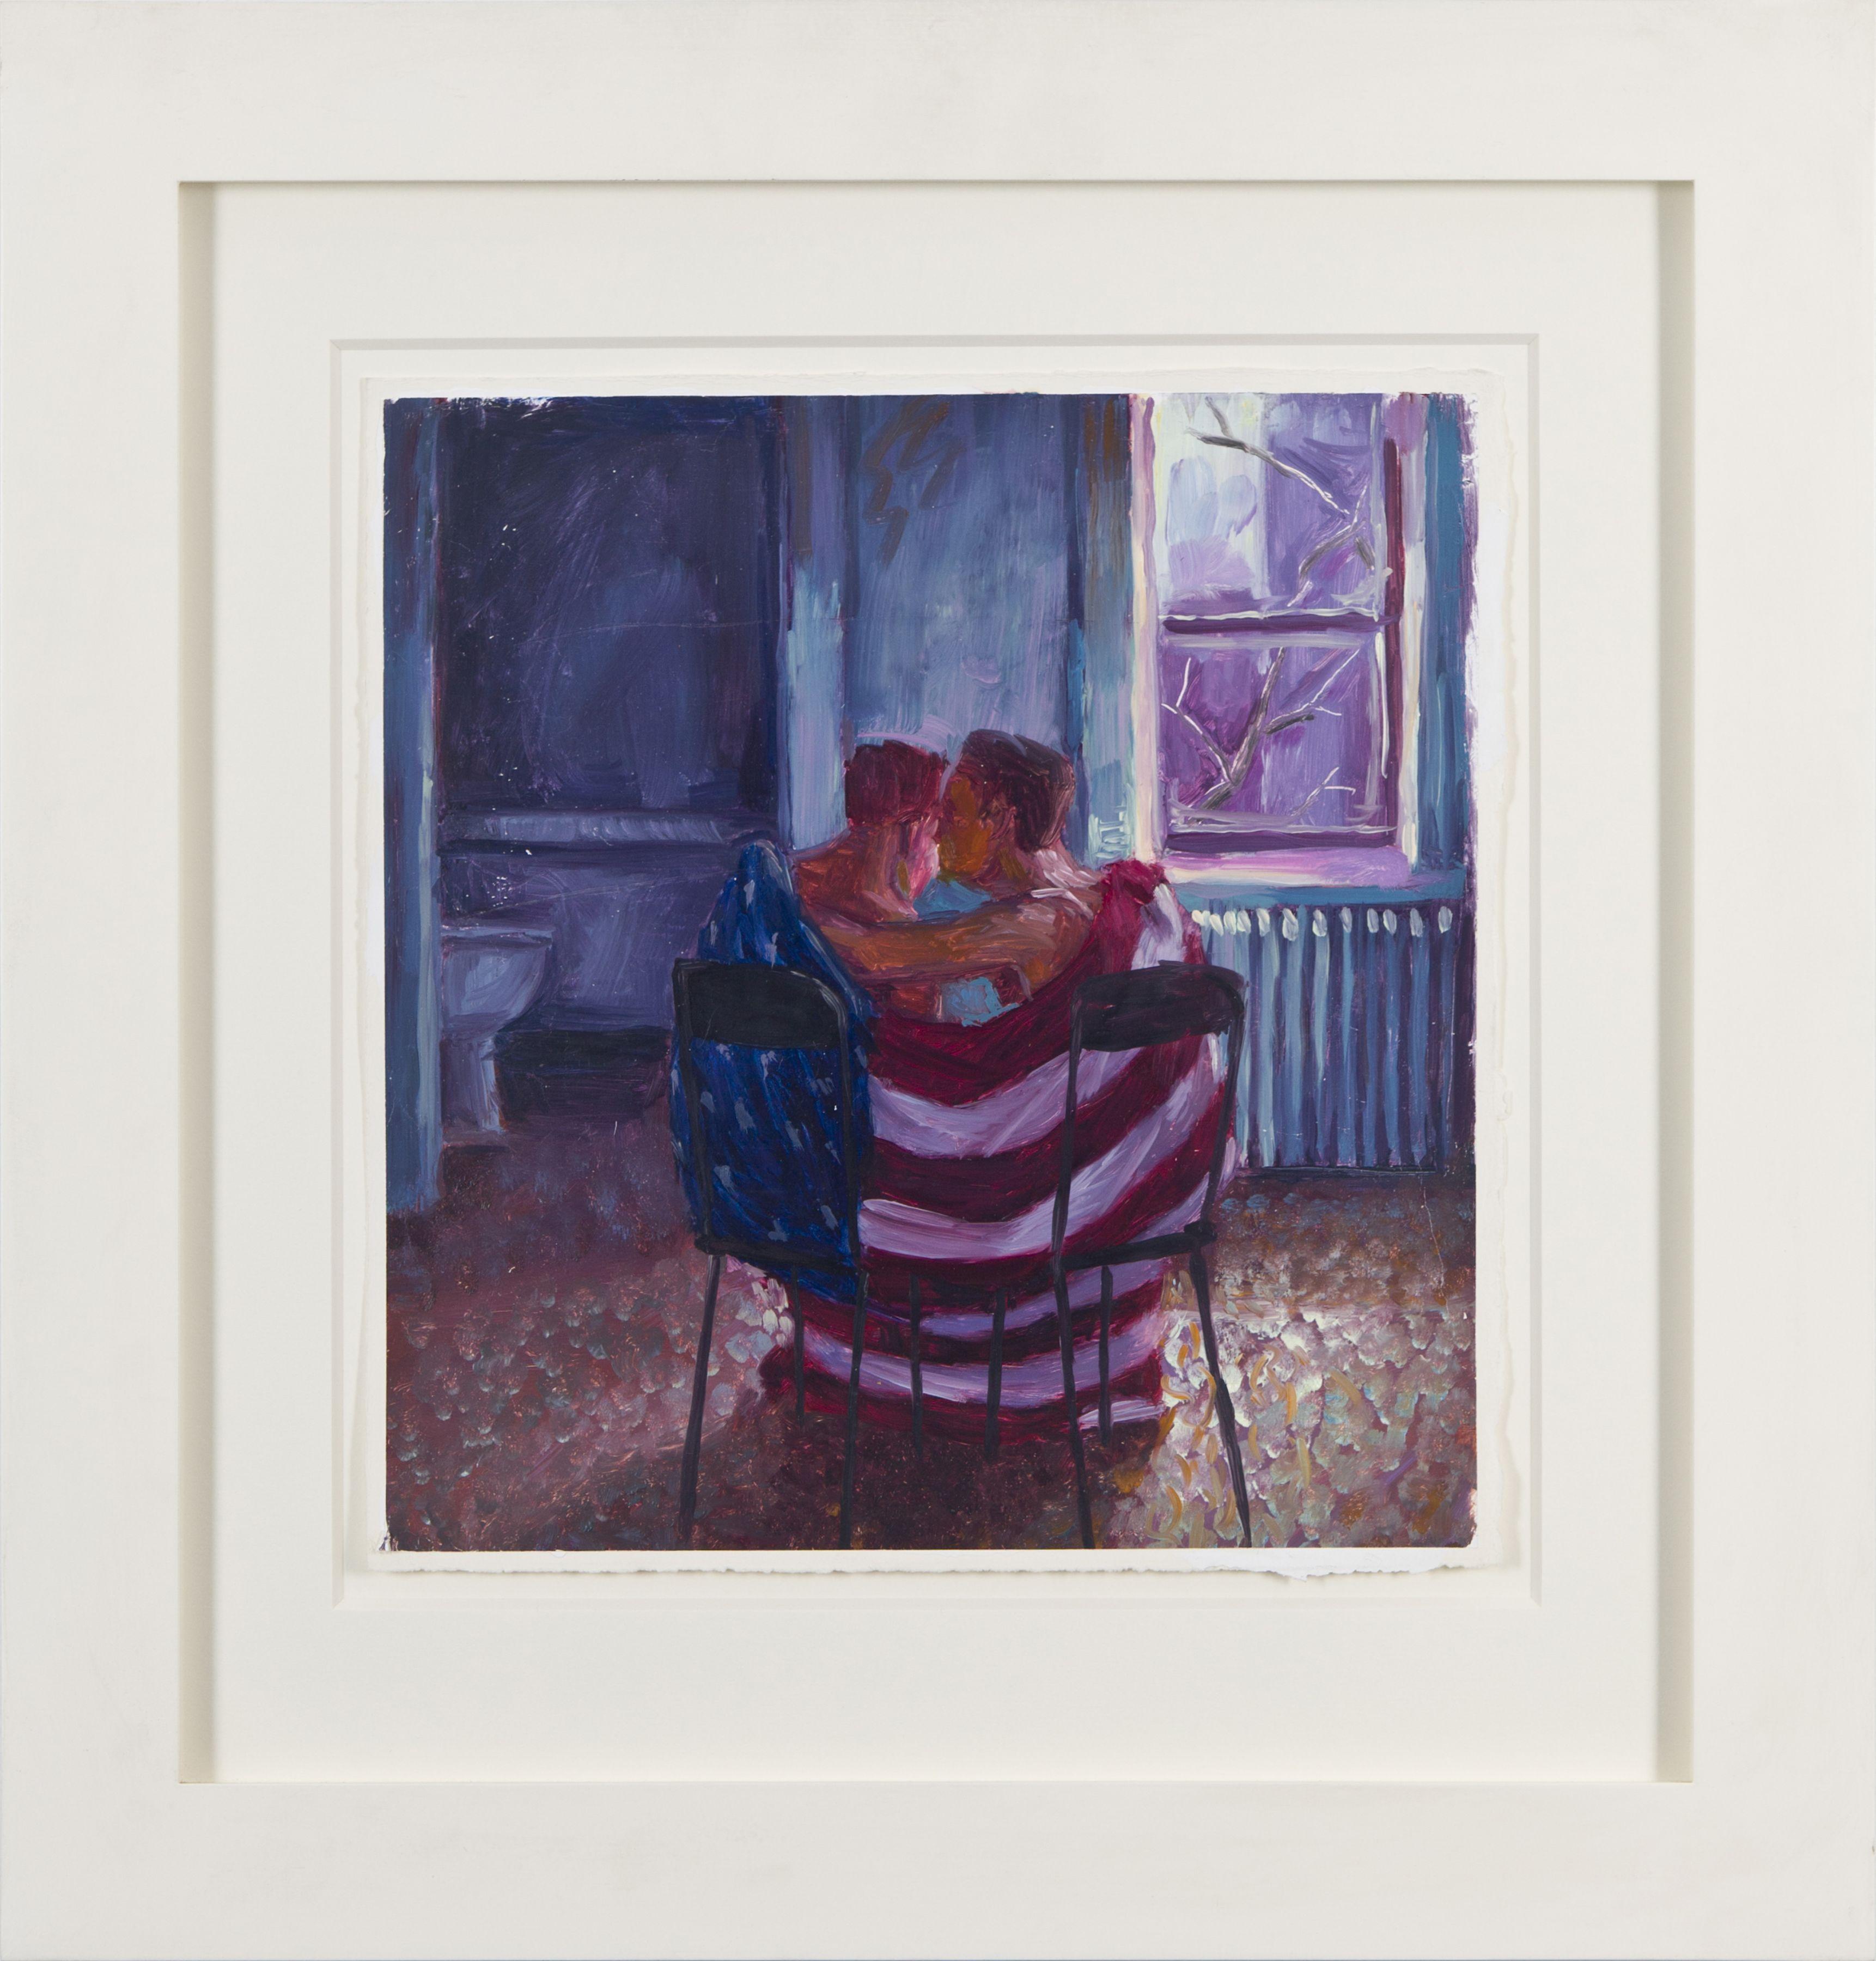 Hugh Steers, Untitled, c.1992